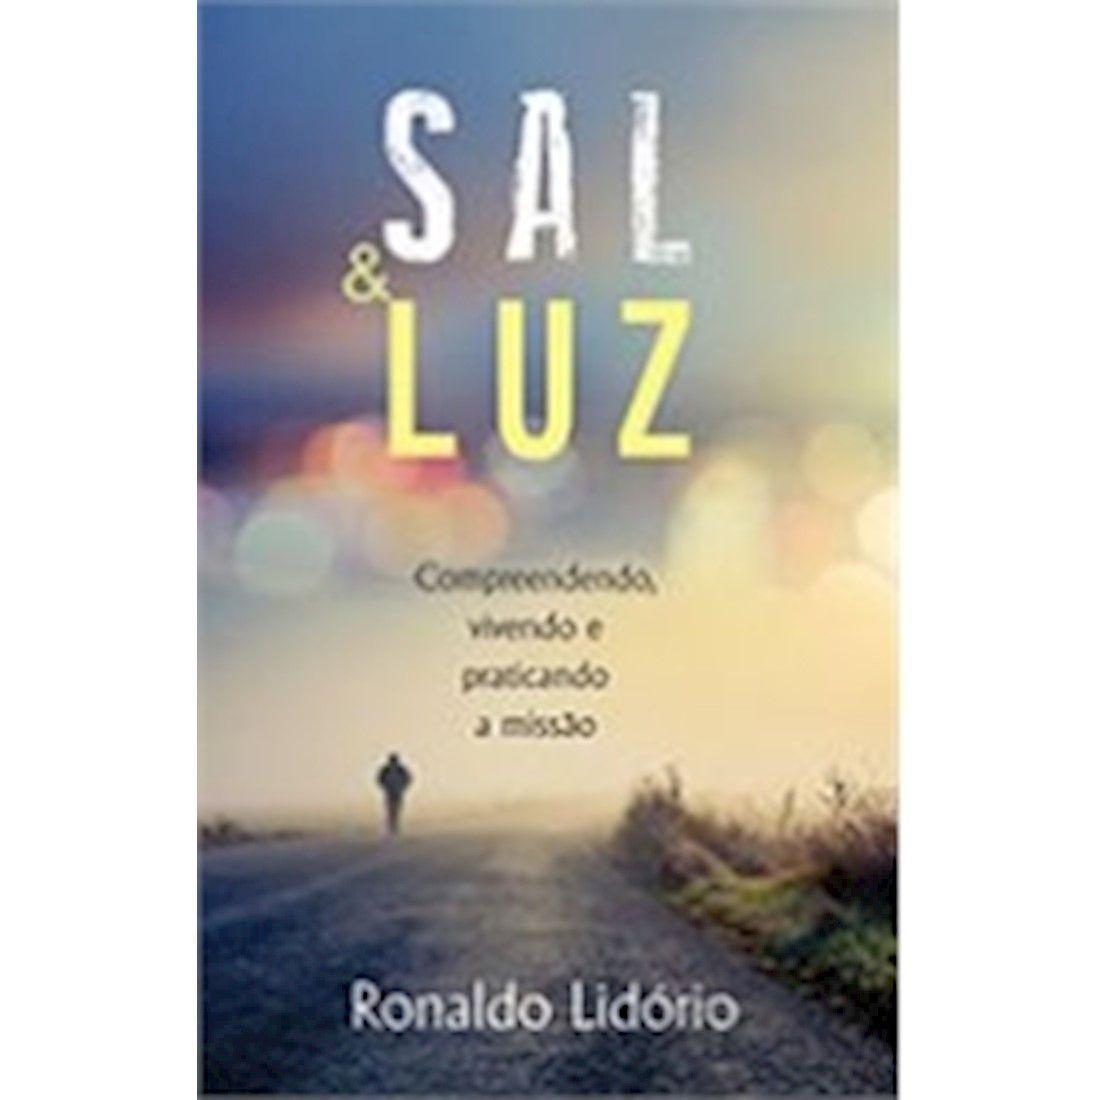 Livro Sal e Luz - Compreendendo, Vivendo e praticando a Missão